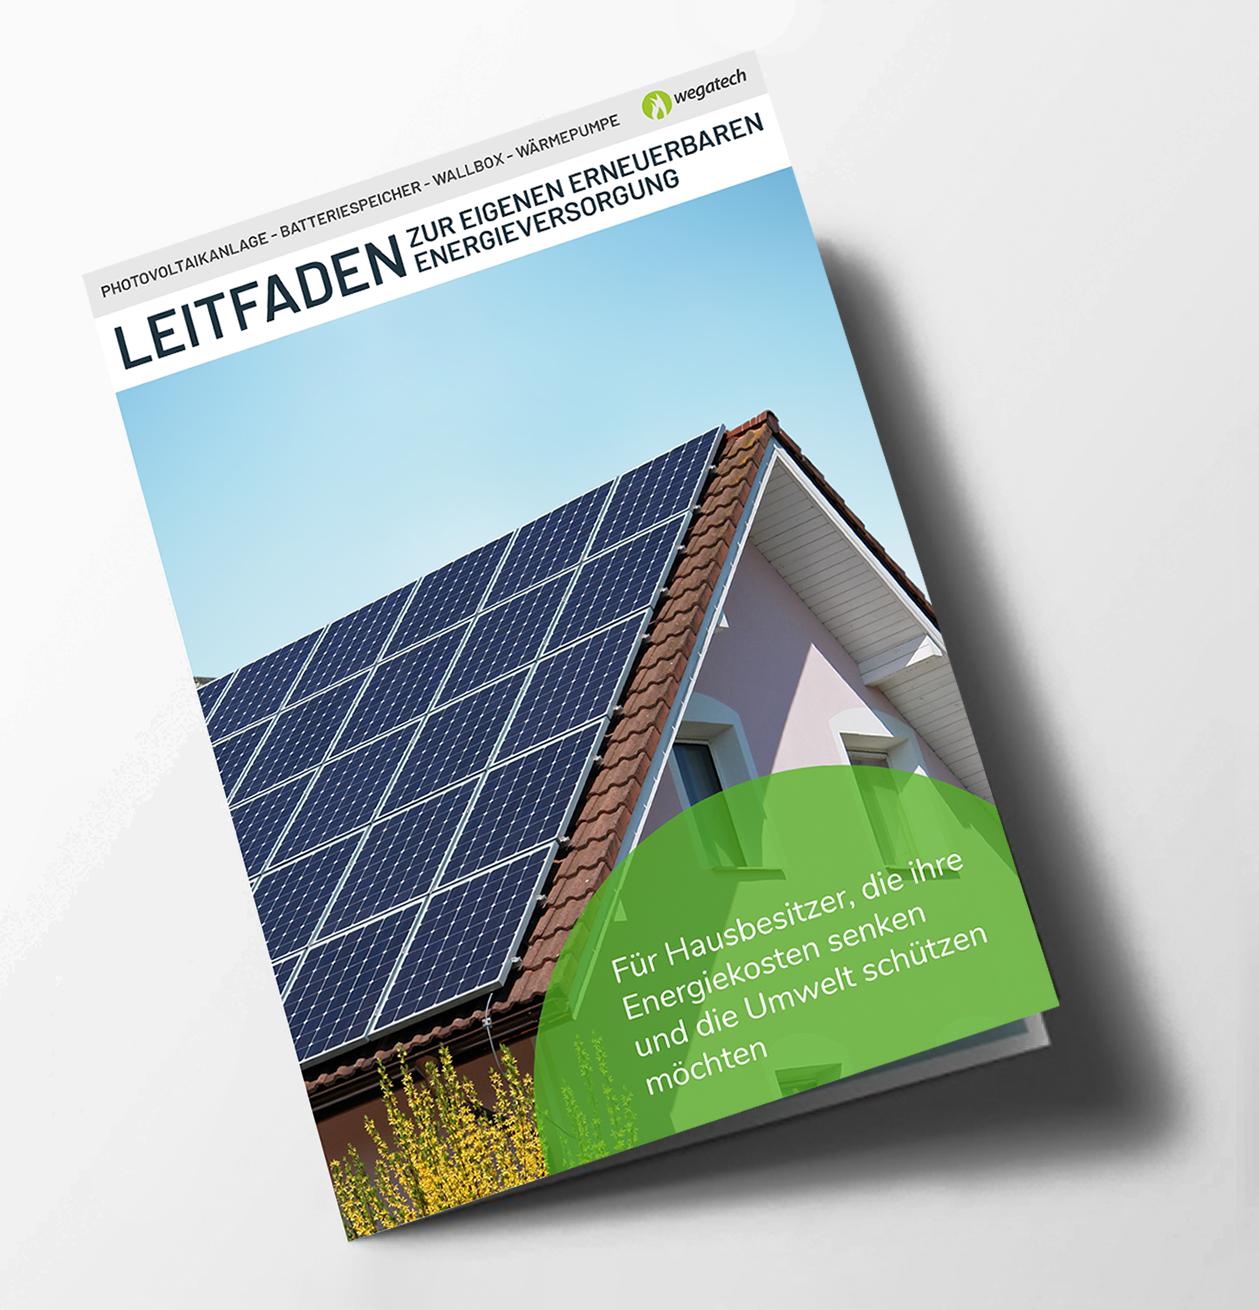 Photovoltaik Leitfaden